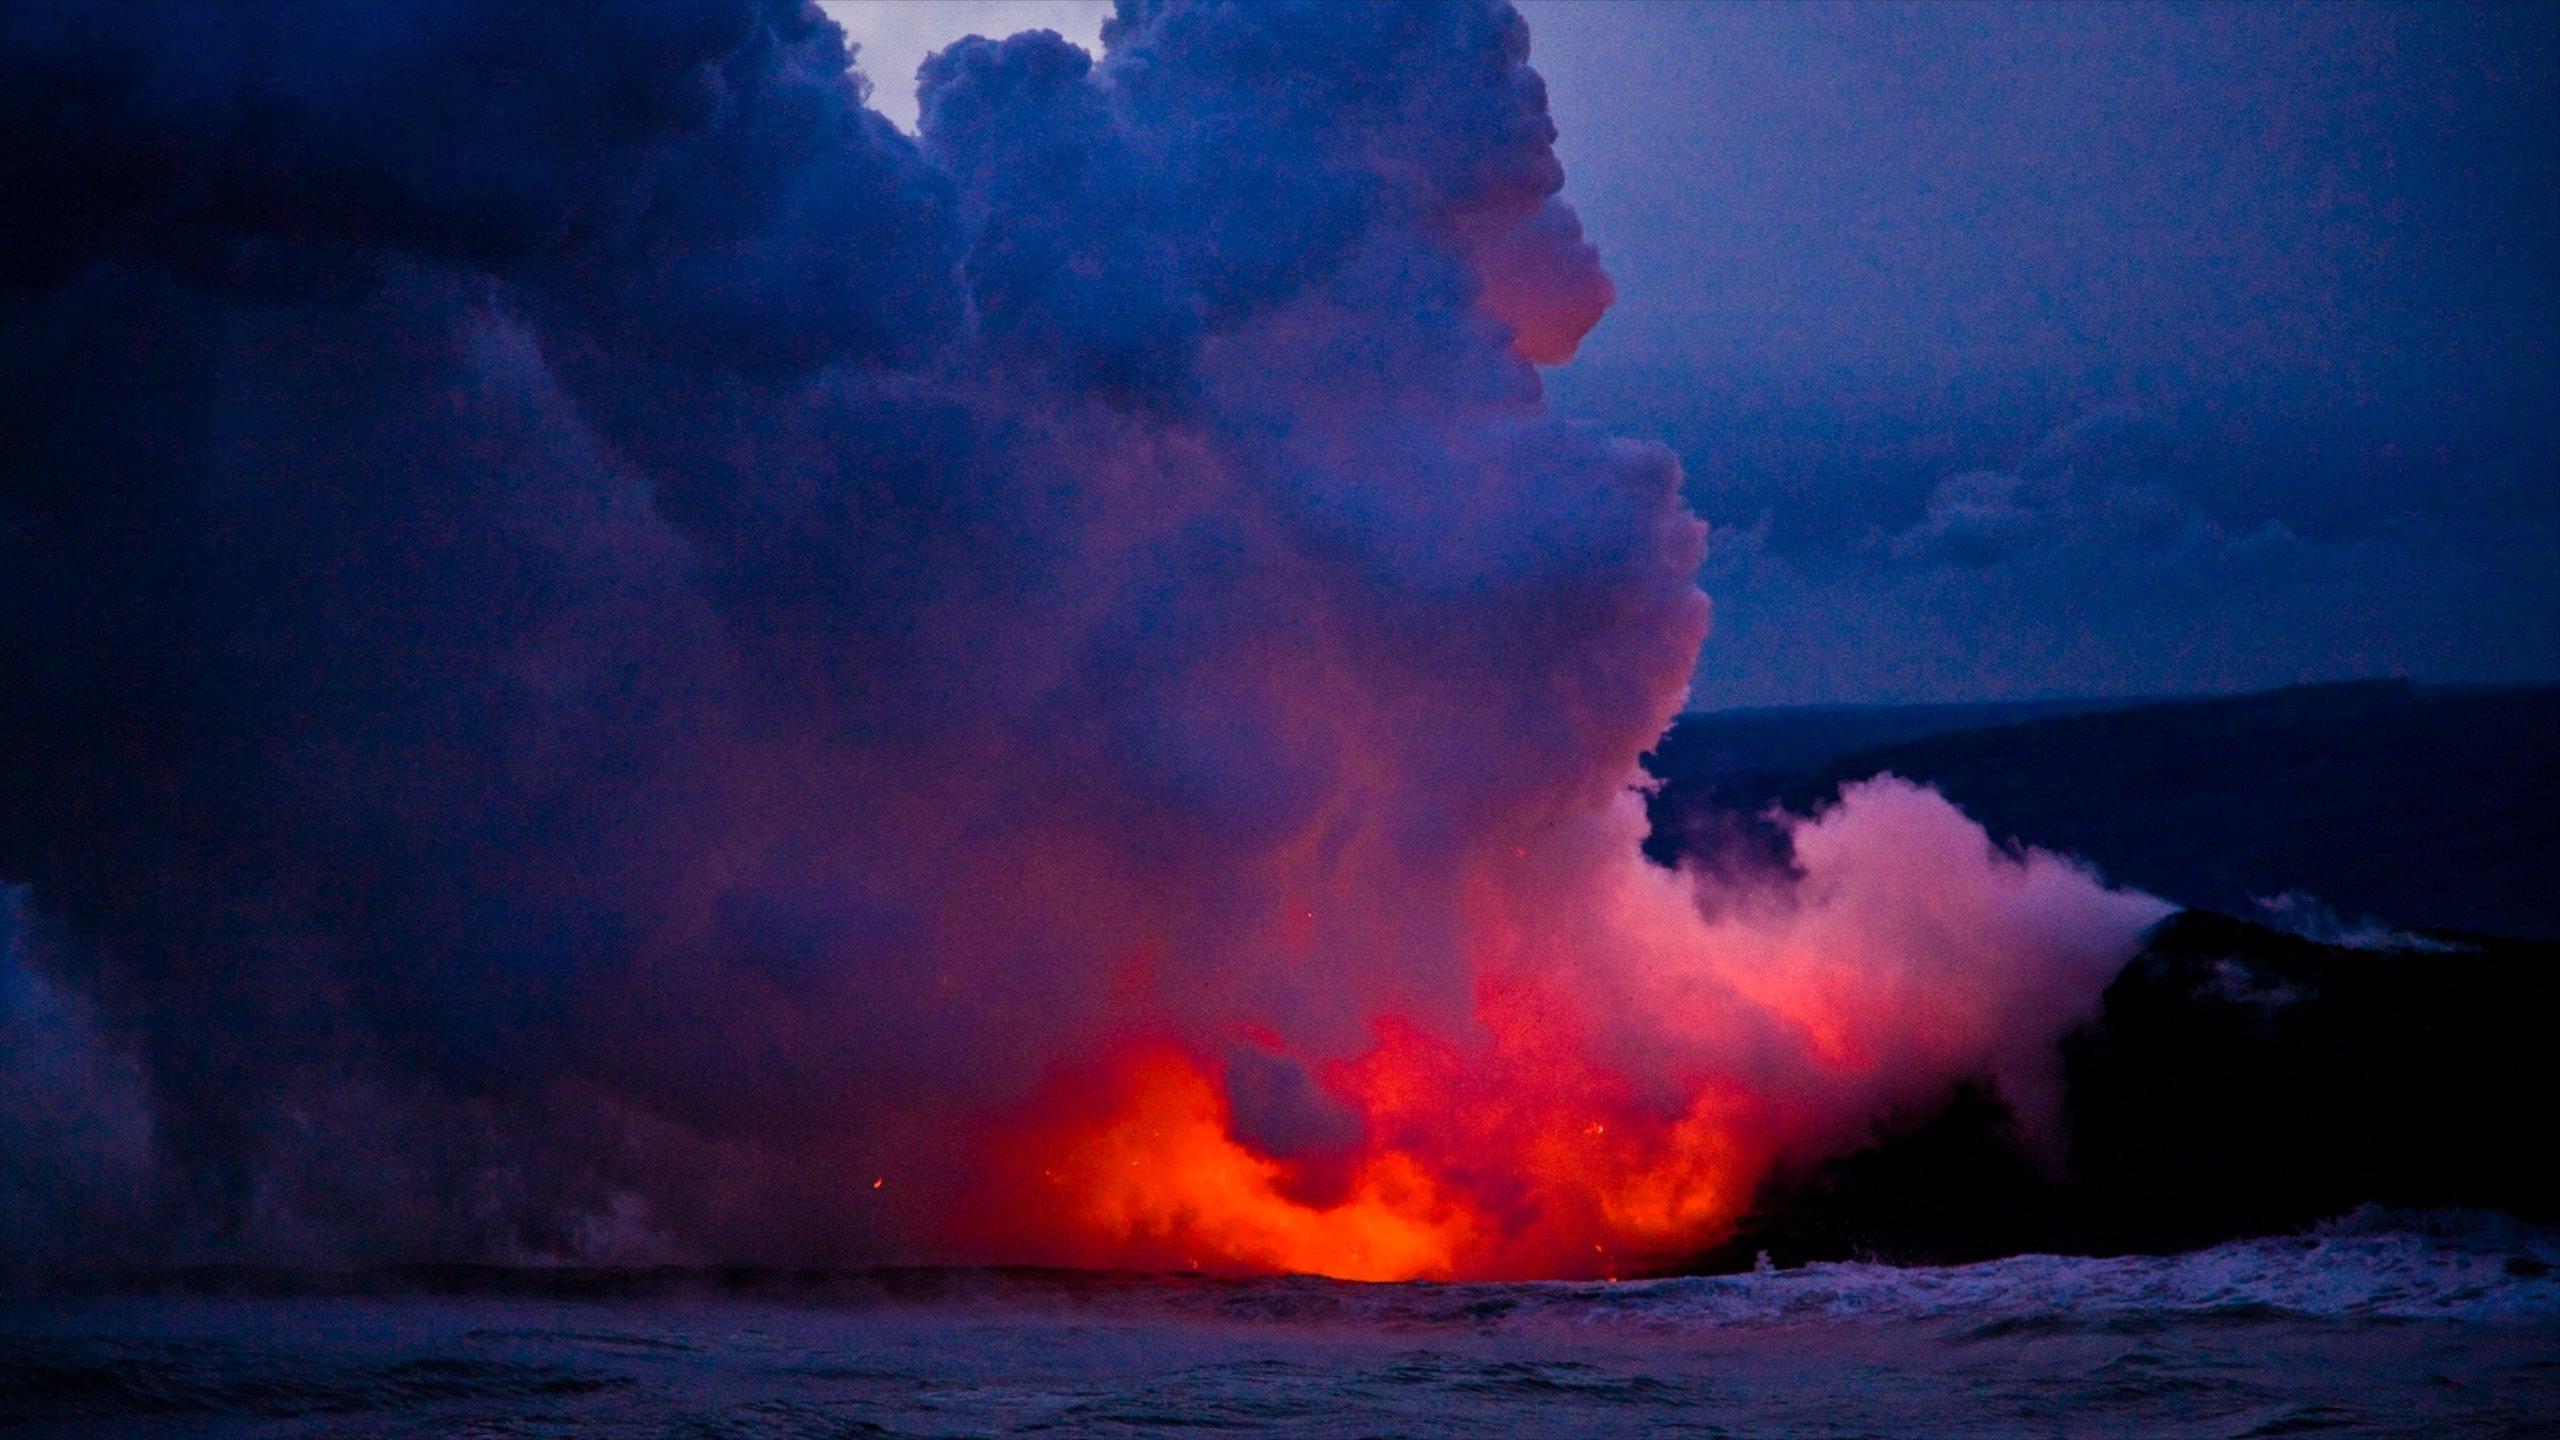 Puna, Hawaï, États-Unis d'Amérique